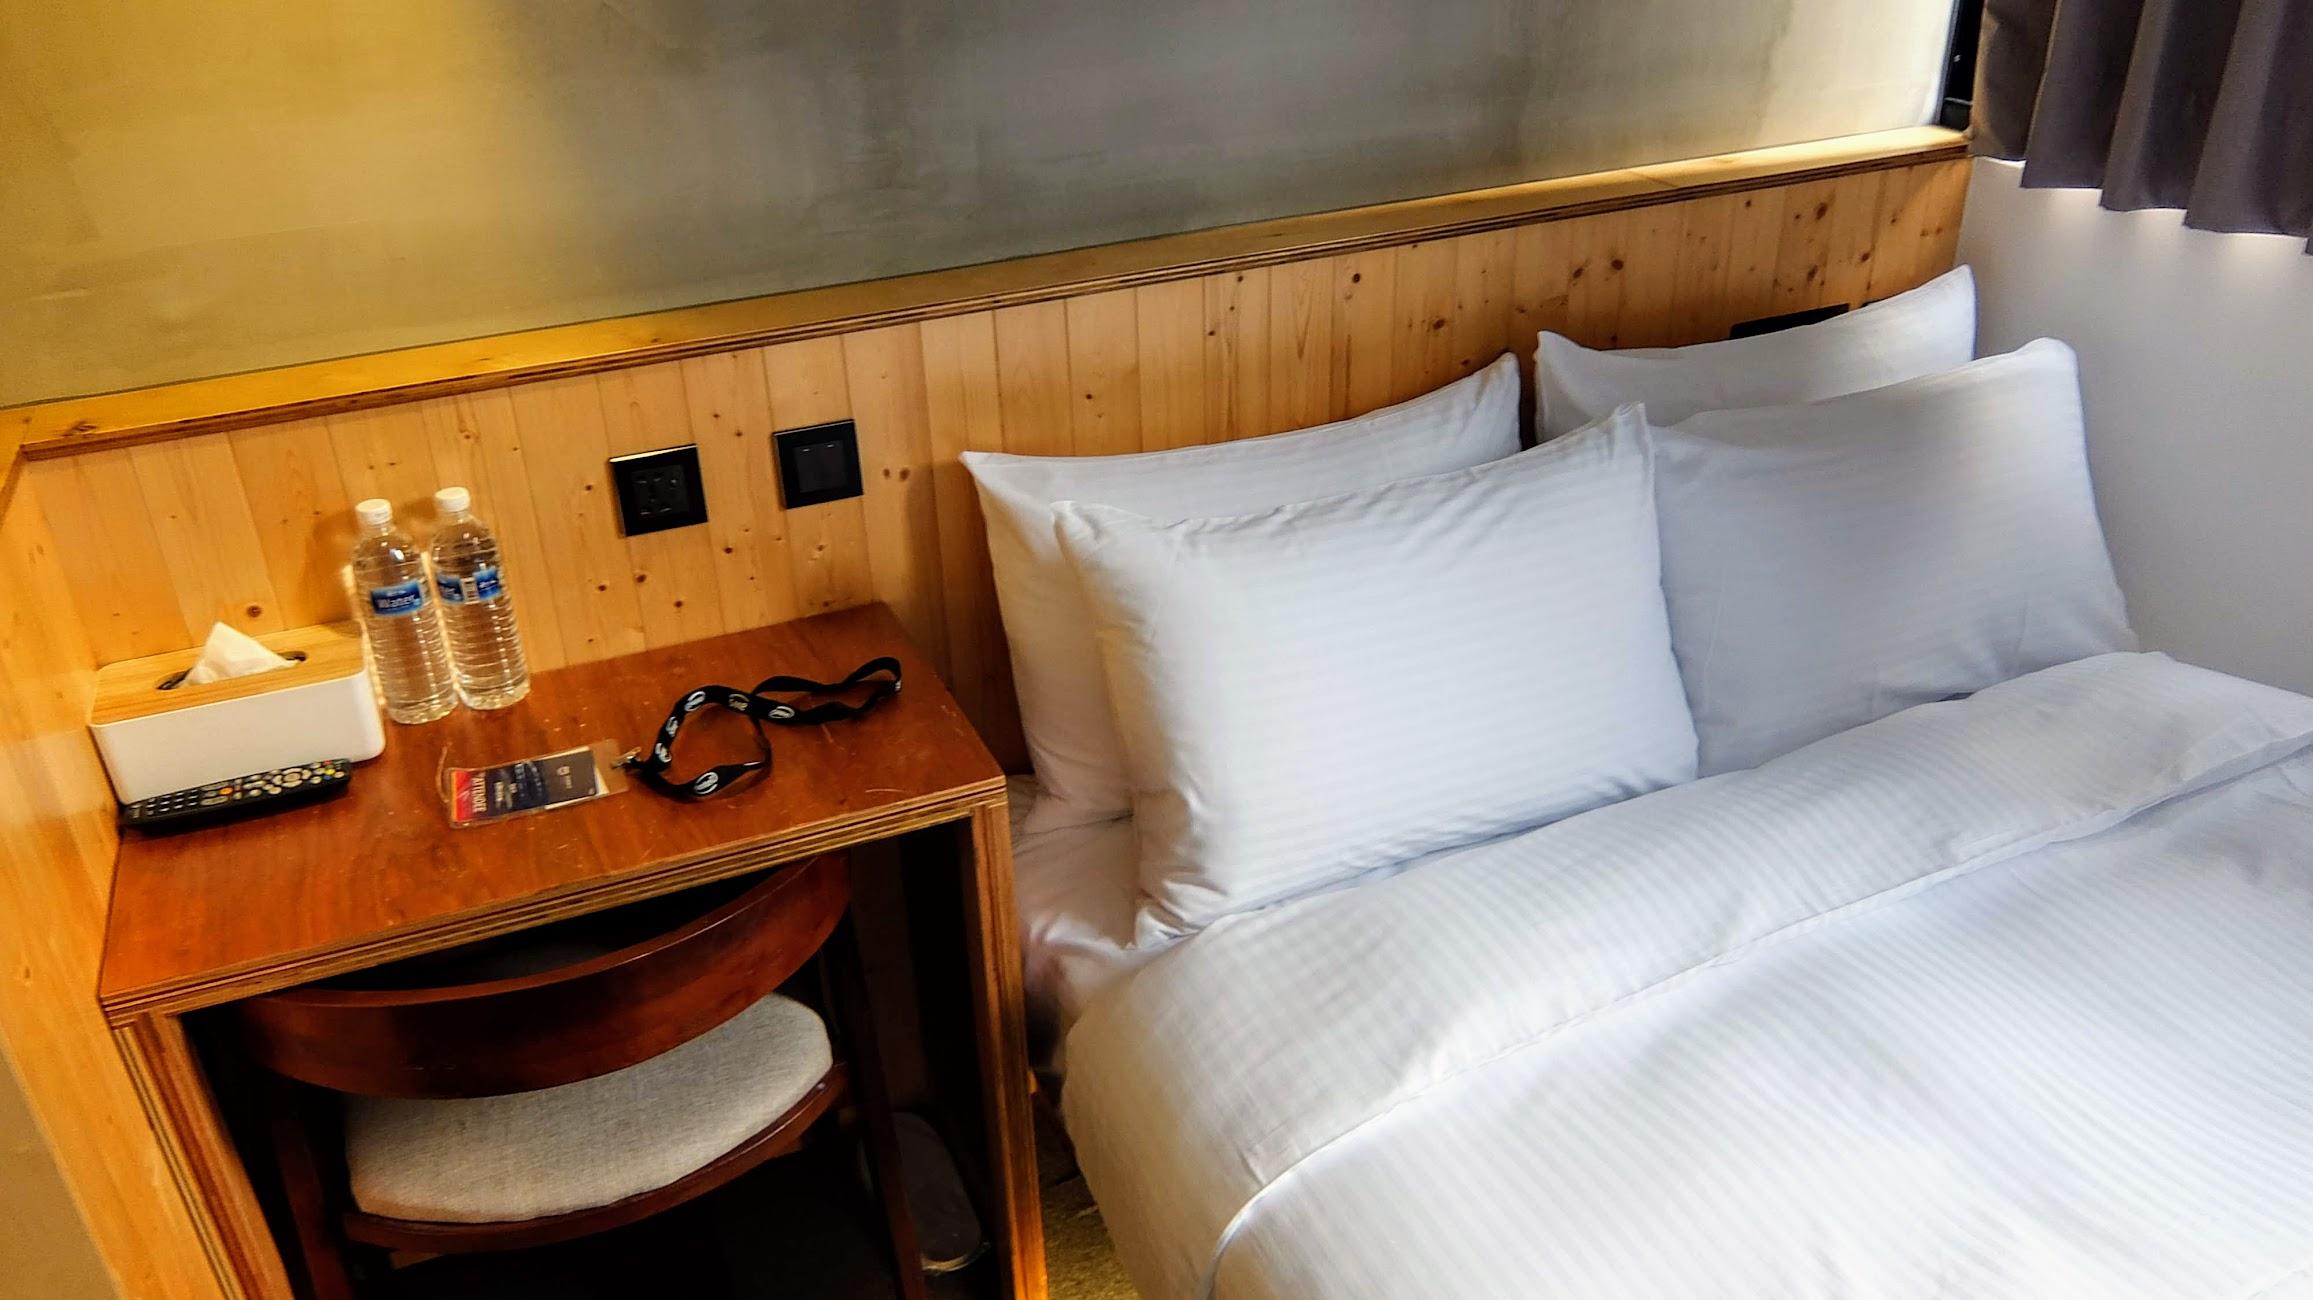 都有小書桌可以用,牆壁上有電源,直接USB充電,另外也有給二瓶瓶裝水\水壺\茶杯\冰箱\保險箱等設施